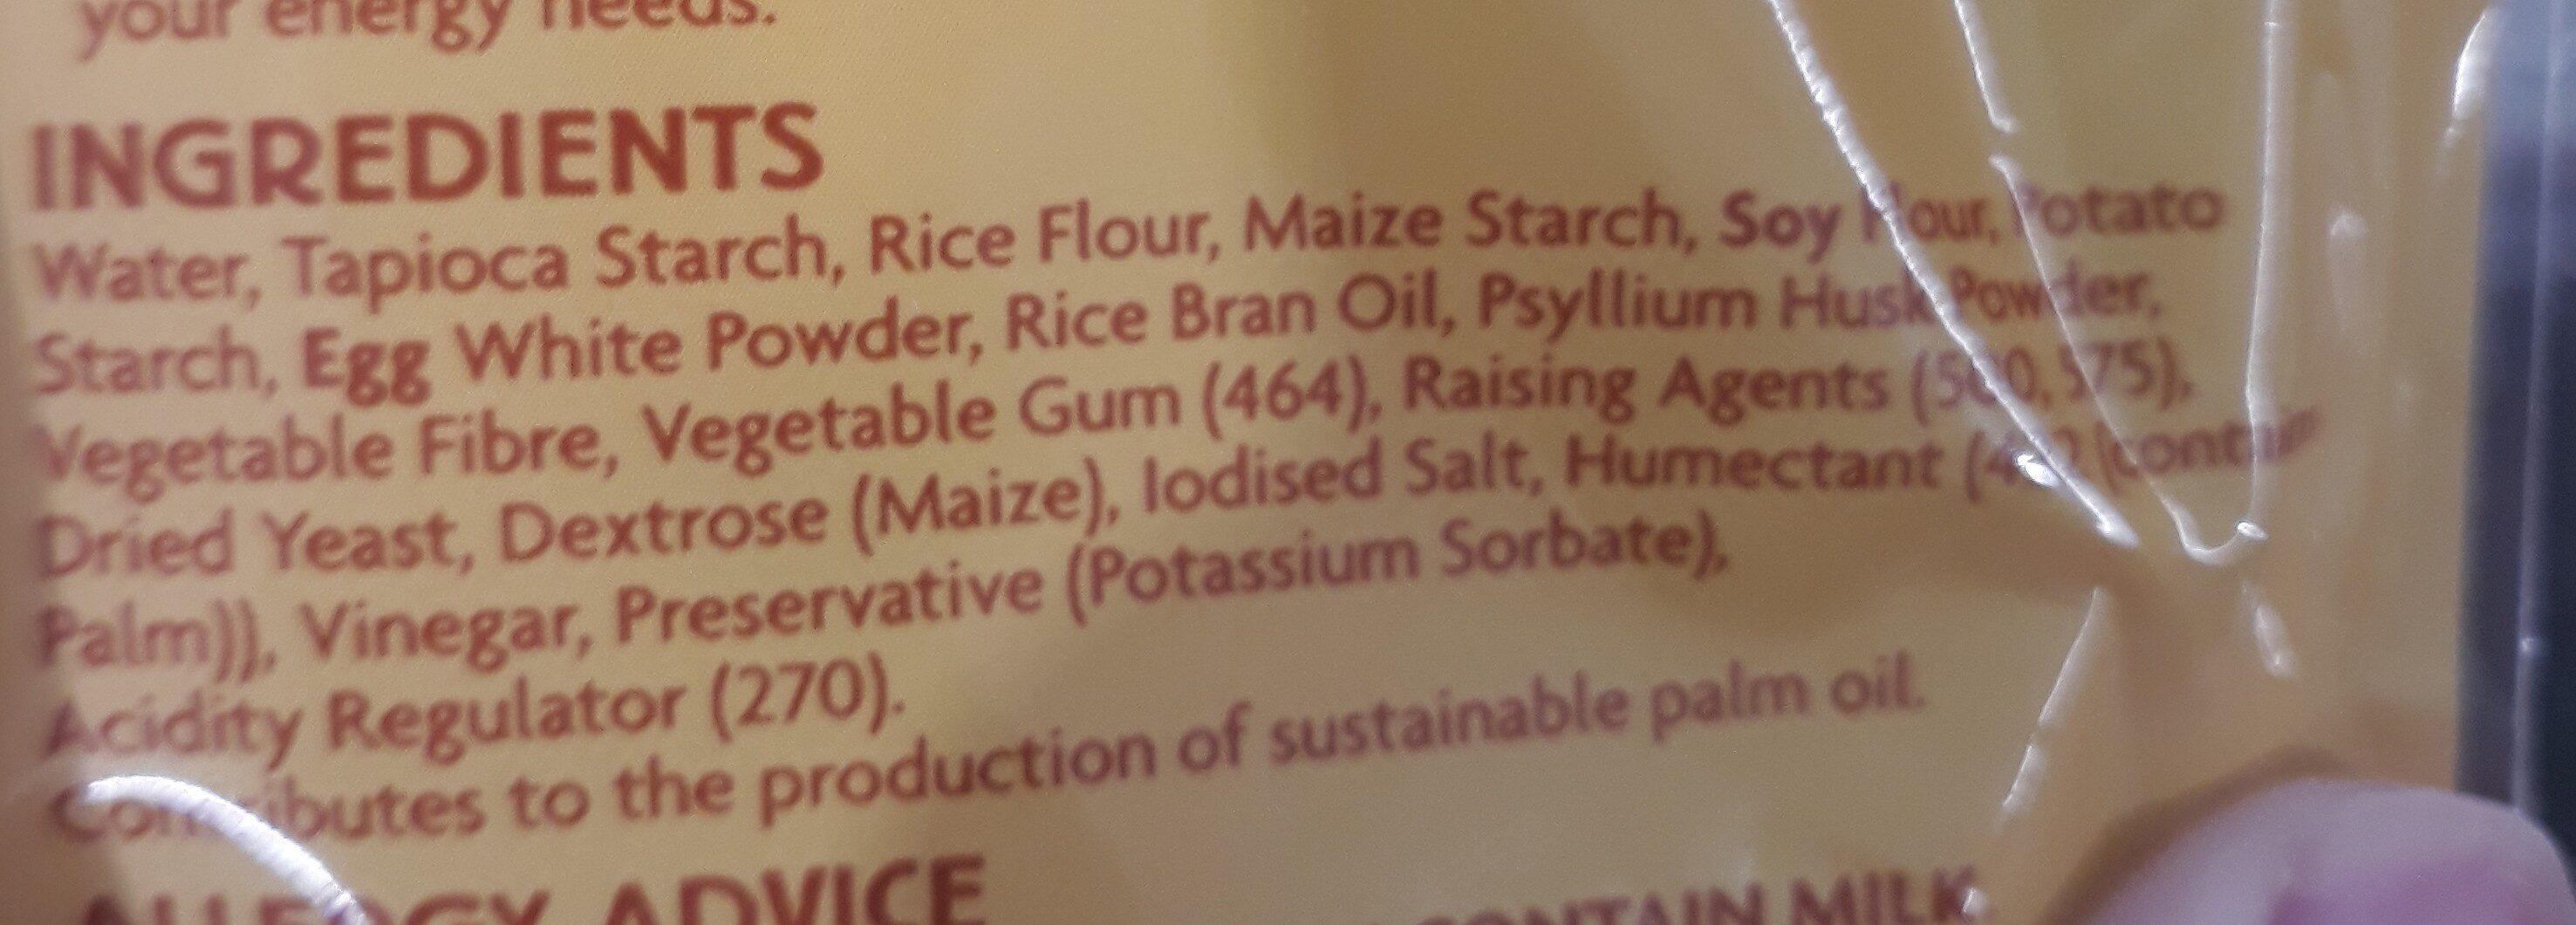 GF pizza base - Ingredients - en